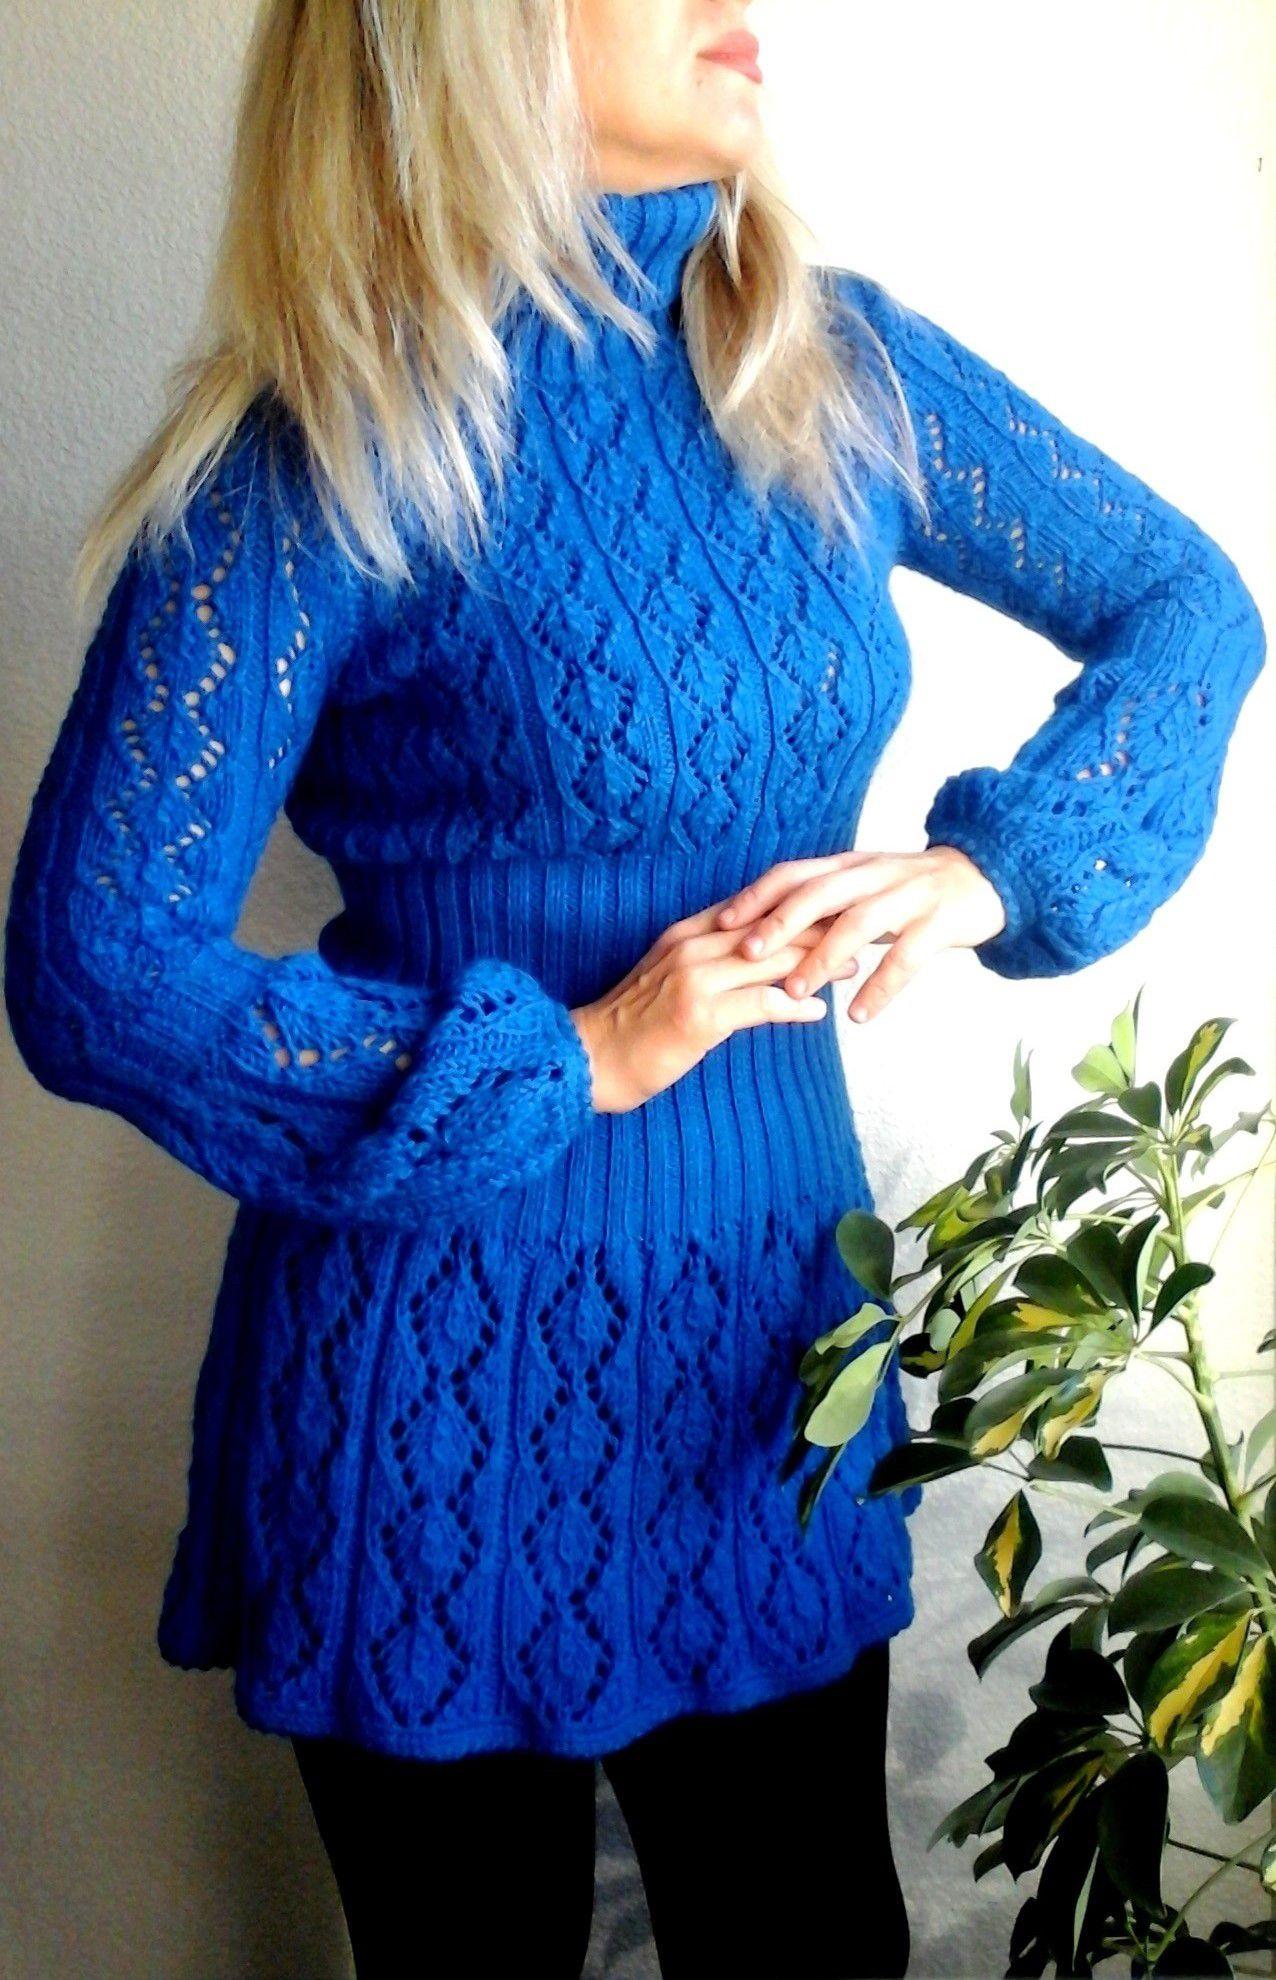 вязаниеназаказ платьявязаные вязаниеплатья свяжу хендмейд вяжу свяжуназаказ вяжуназаказ платьекрючком платьеназаказ ручнаяработа вязание